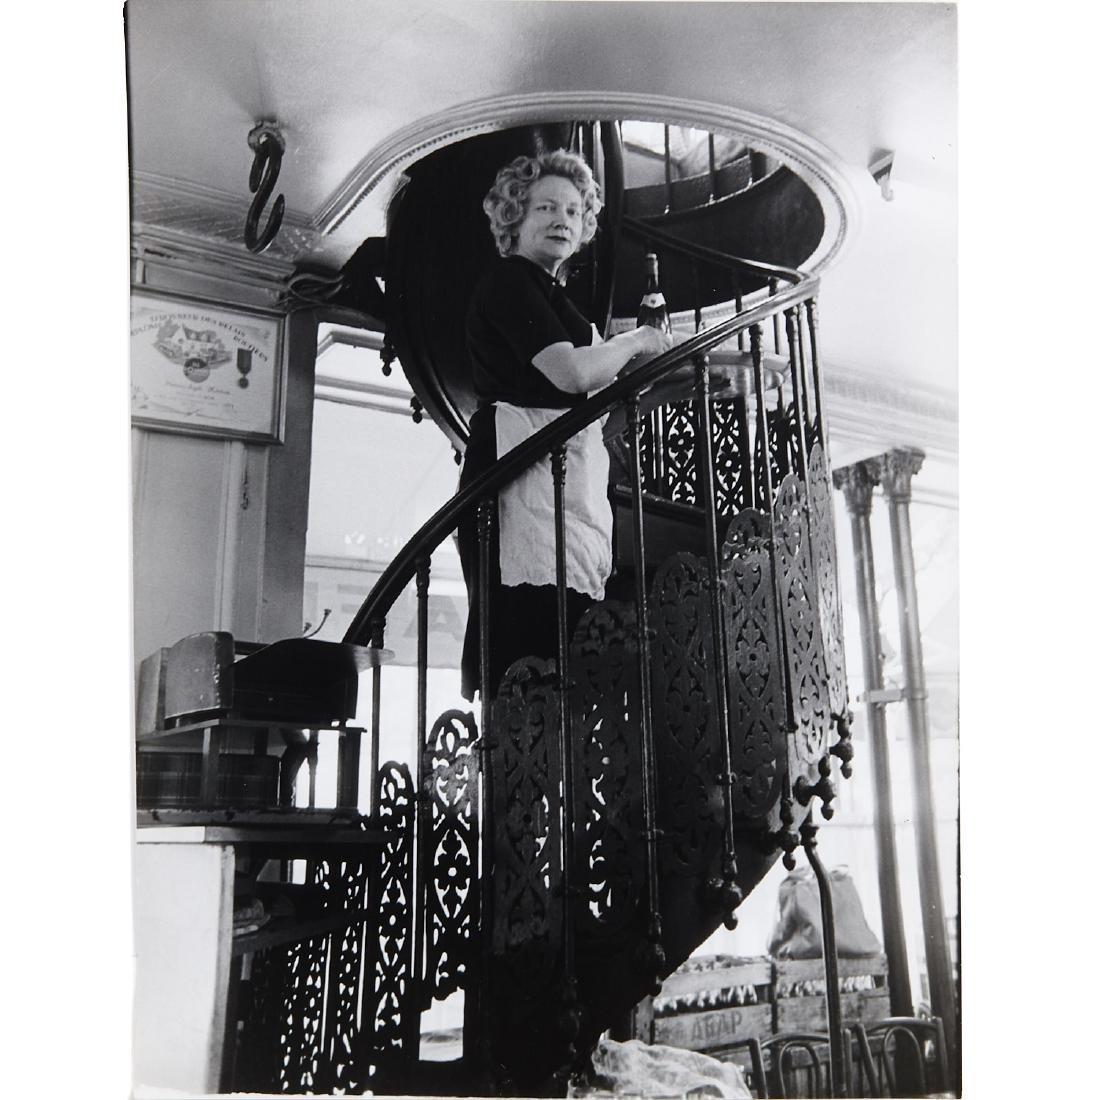 Robert Doisneau, photograph